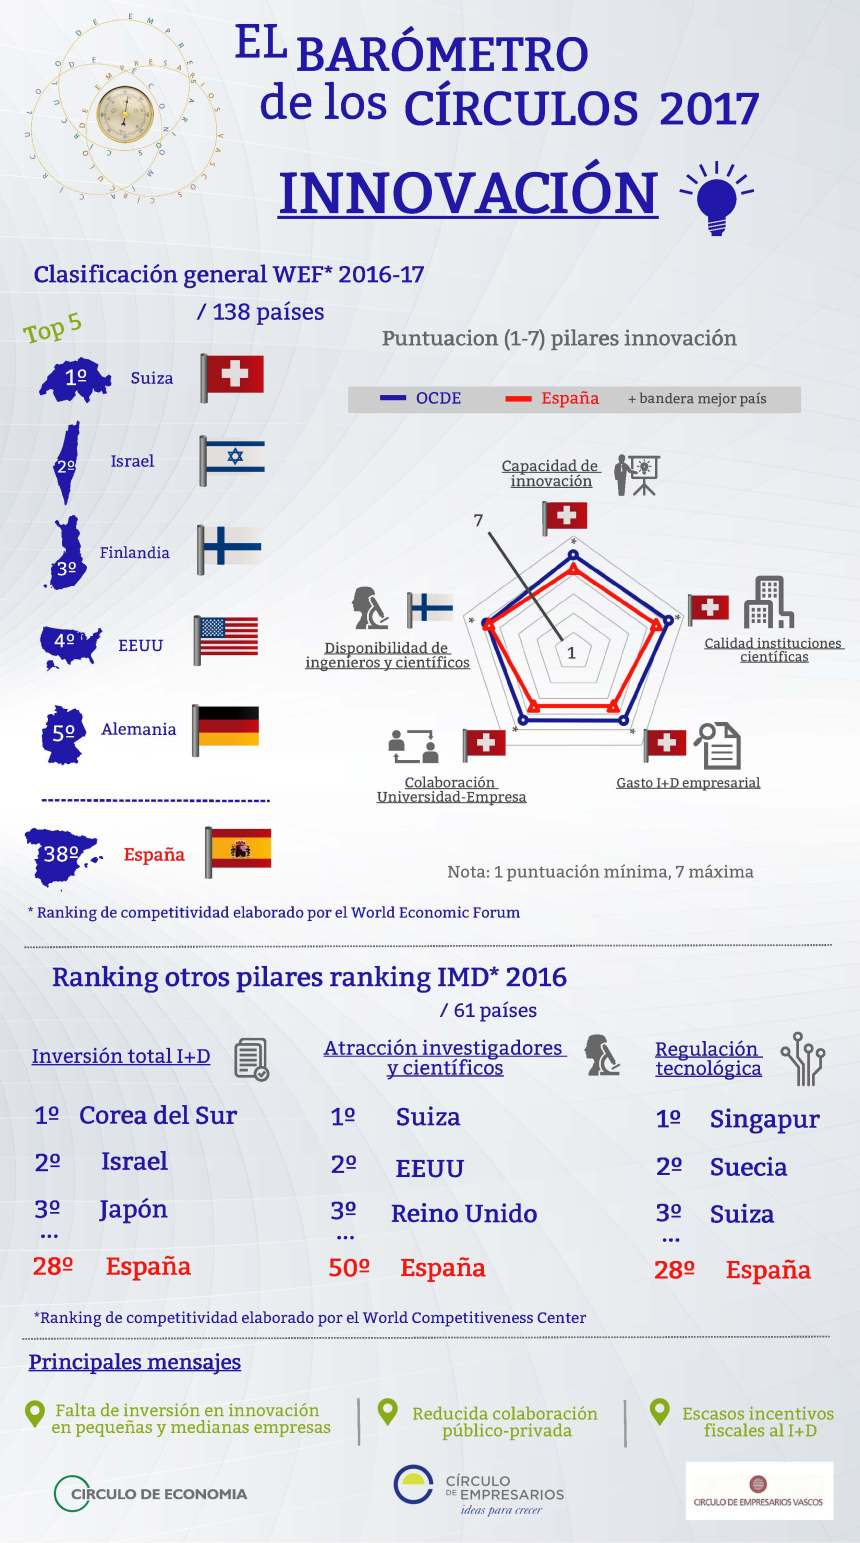 La Innovación en España según el World Economic Forum